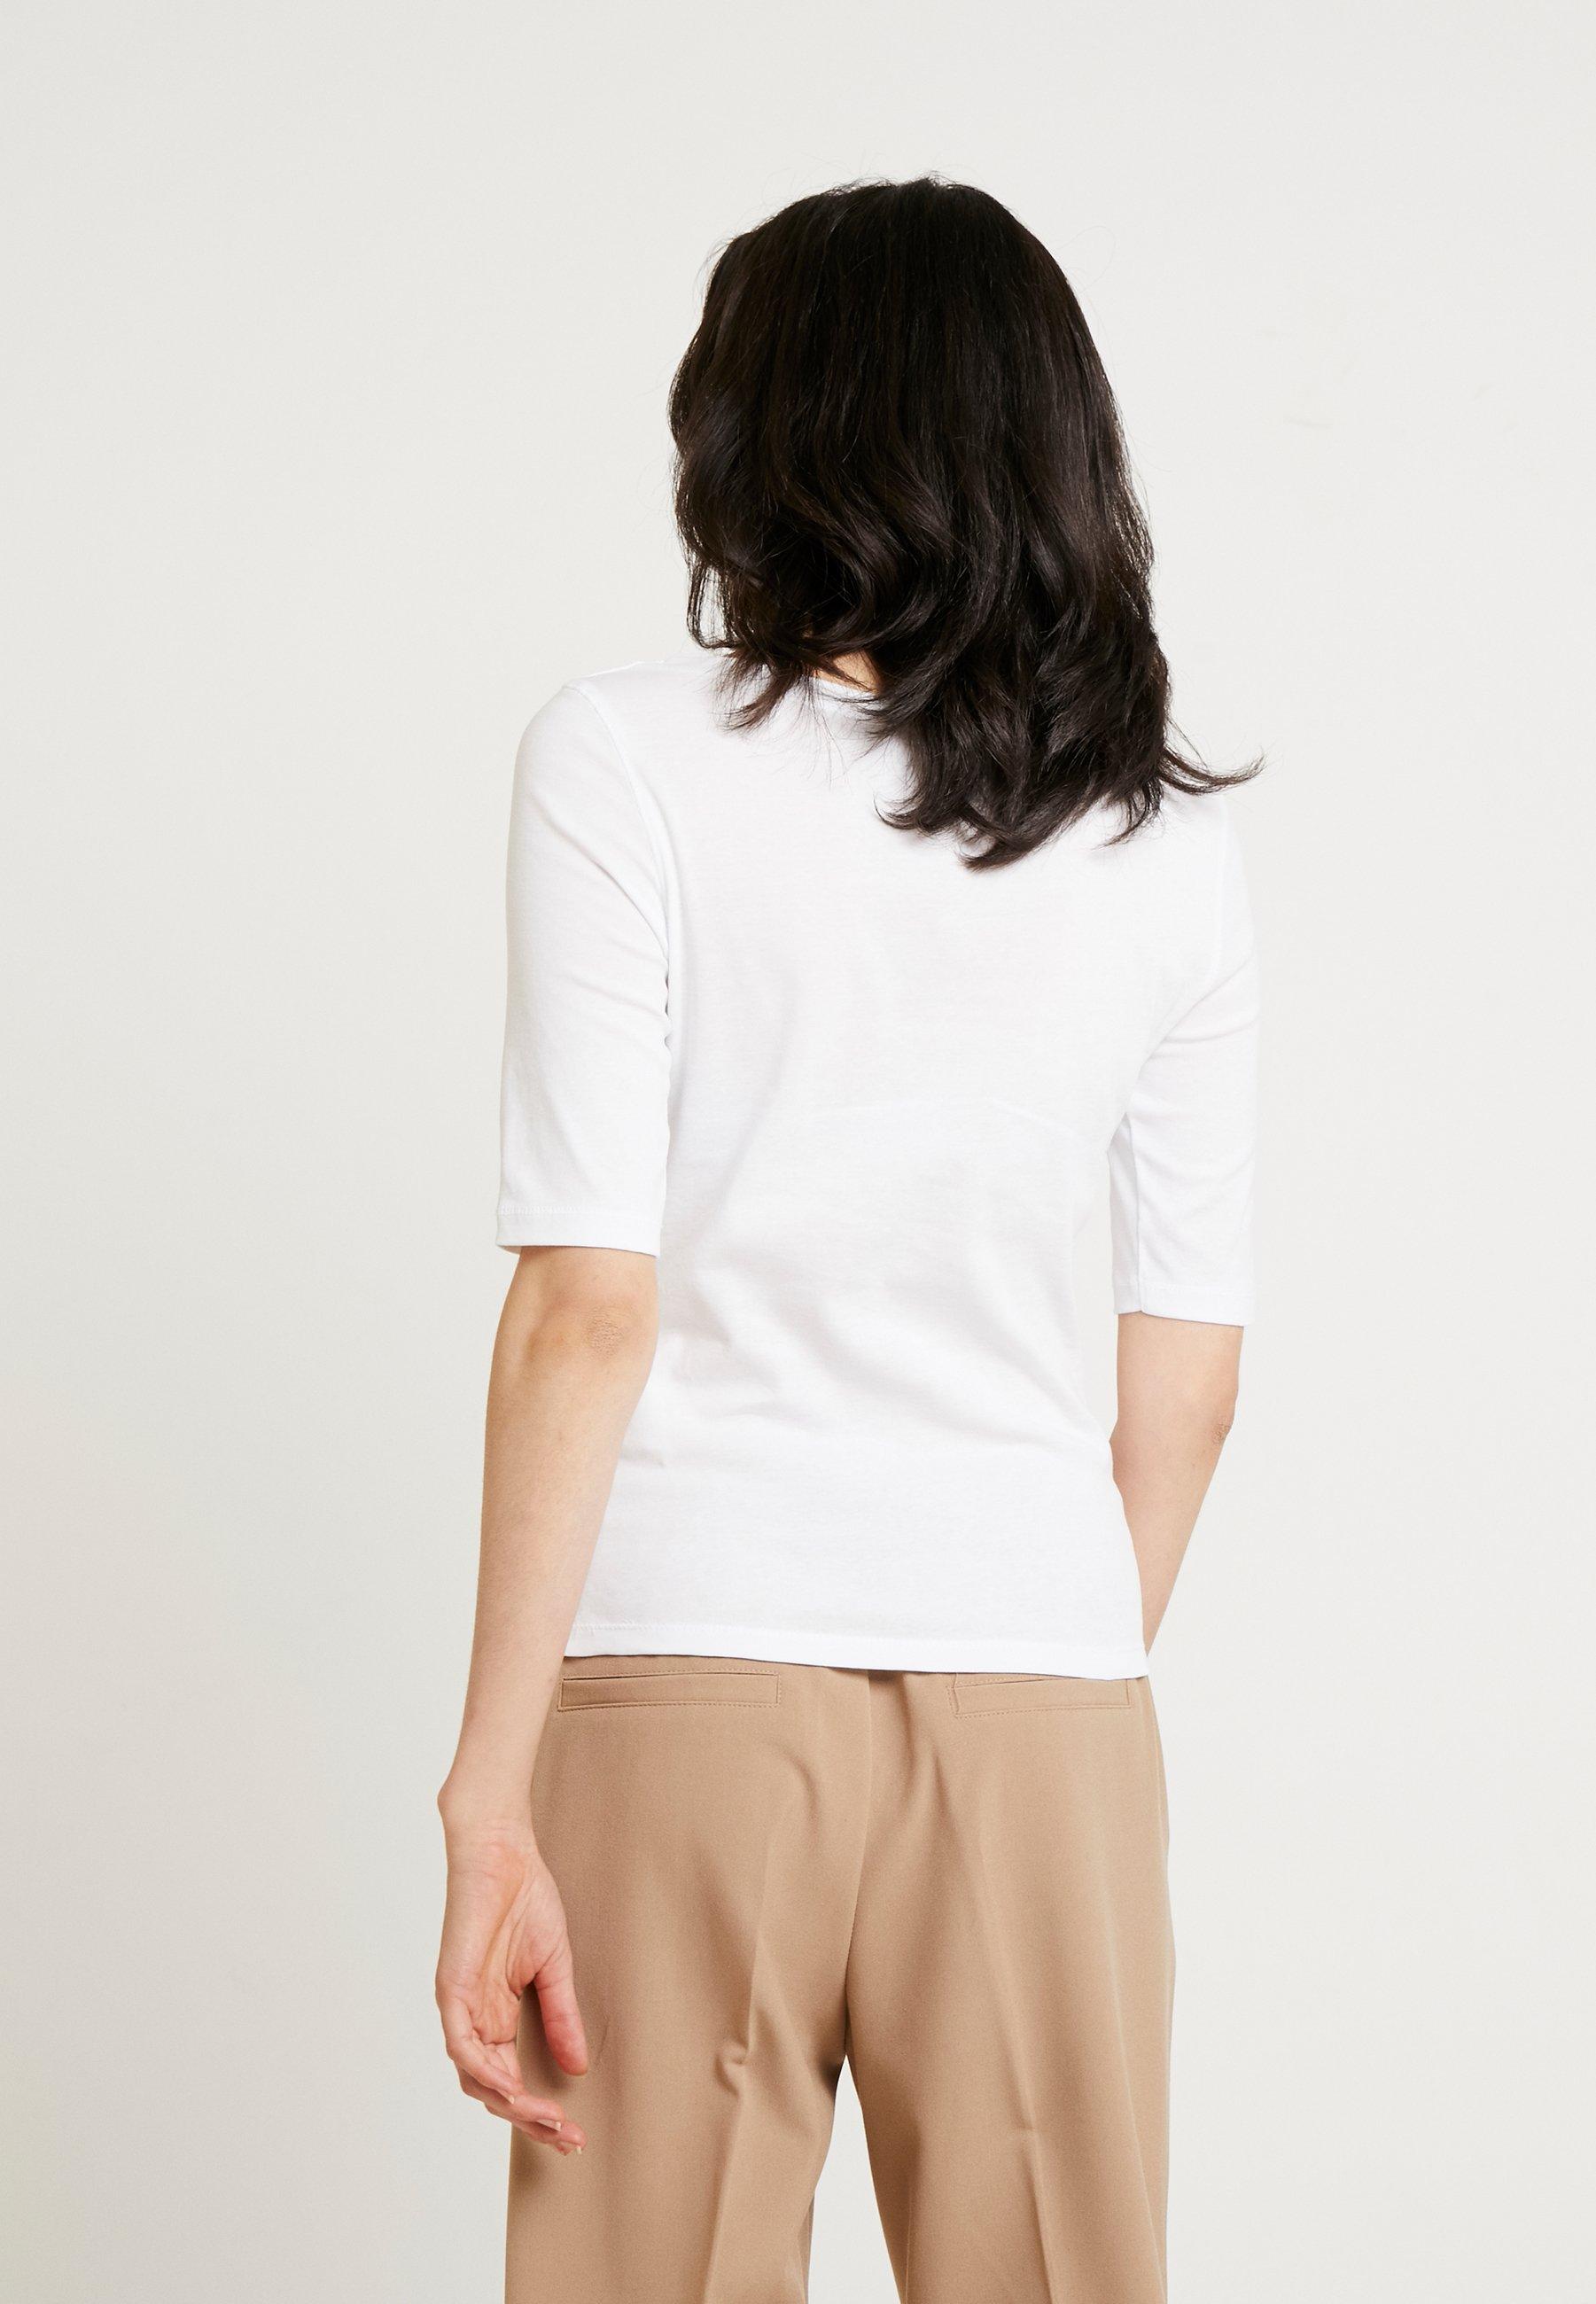 Opus Daily - T-shirts White/hvit